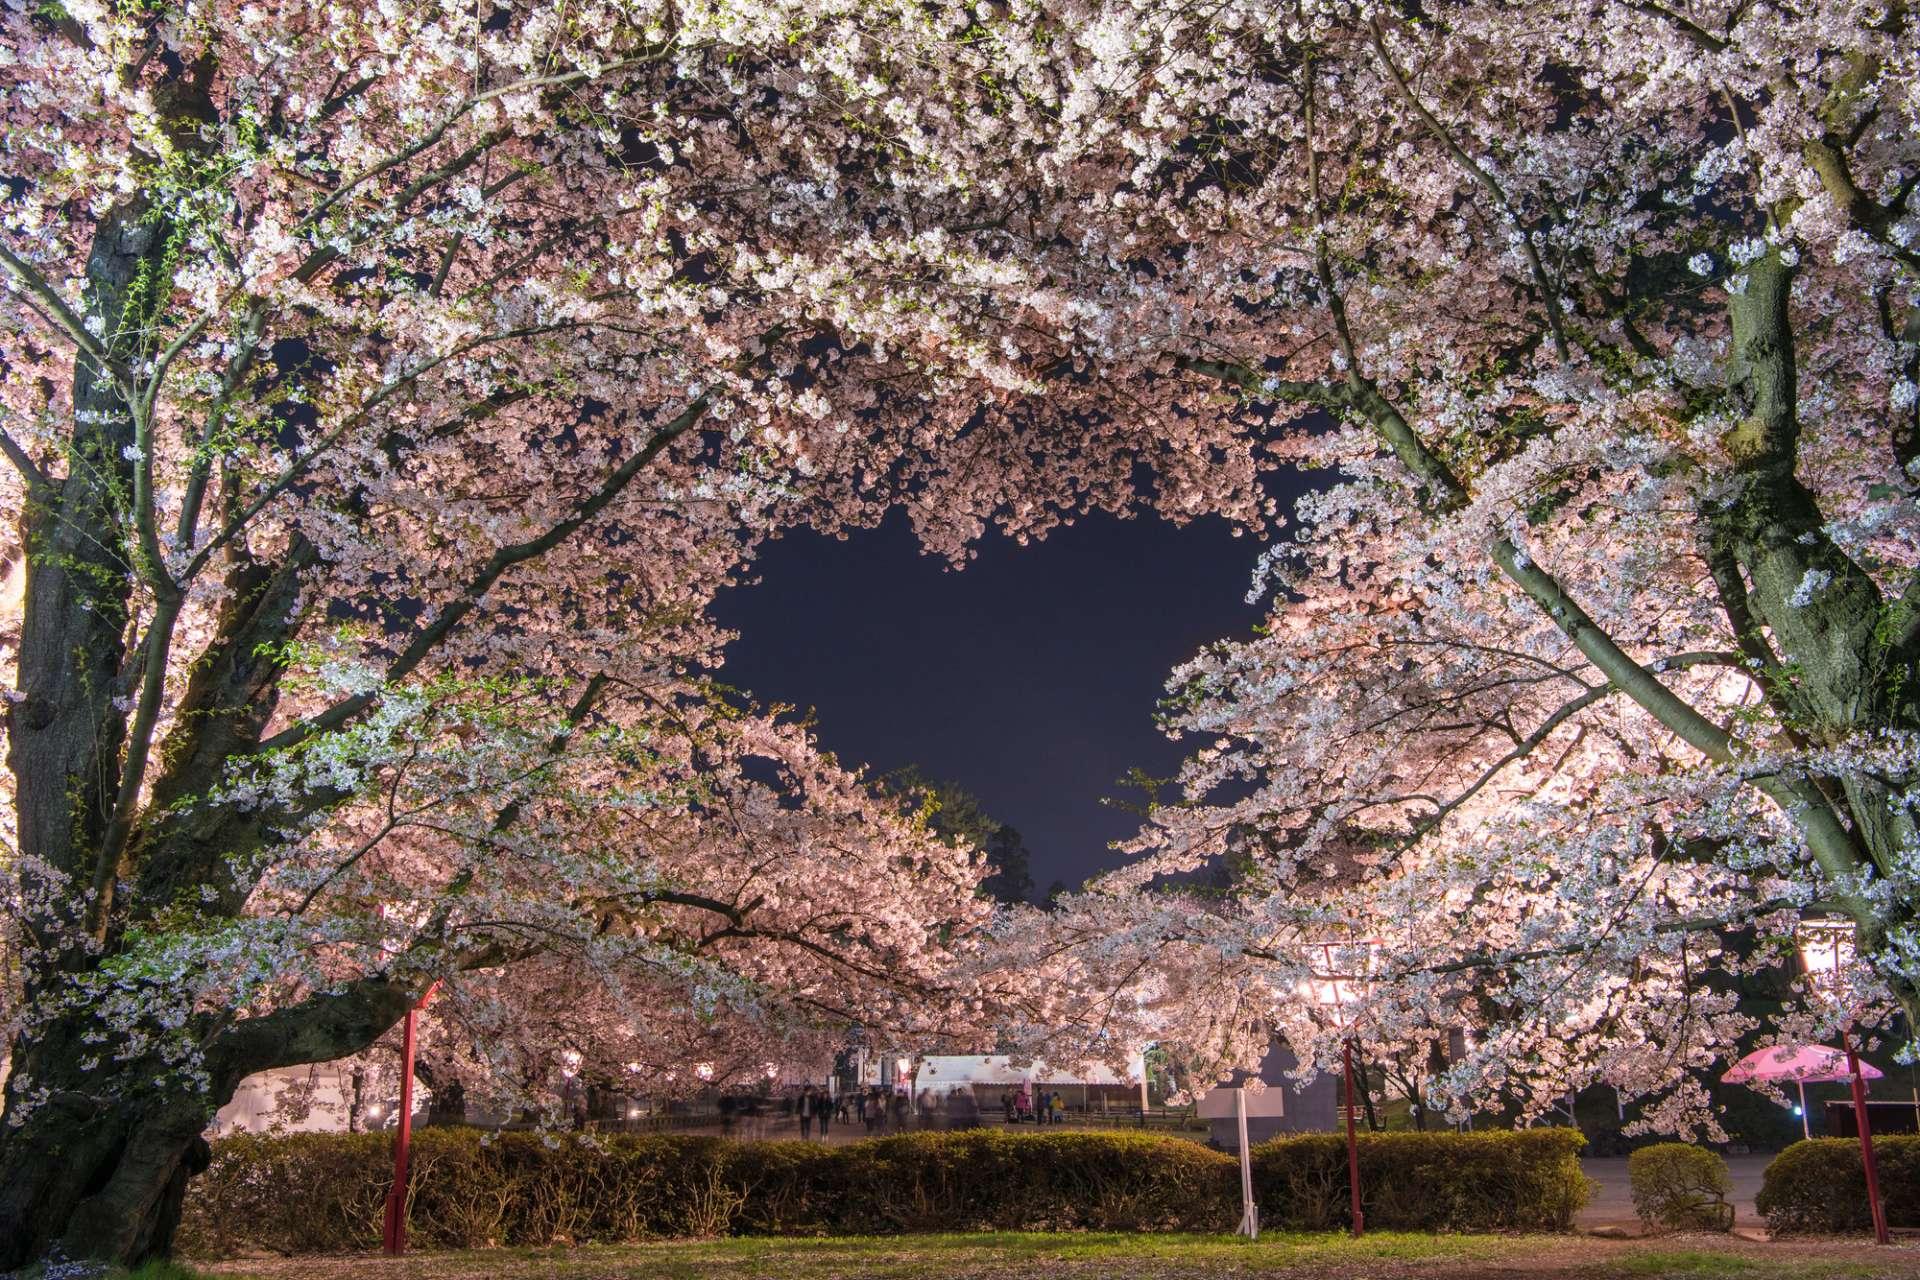 快來看愛心形狀的櫻花美景!請逐一尋找隱藏在公園的心形景點吧!